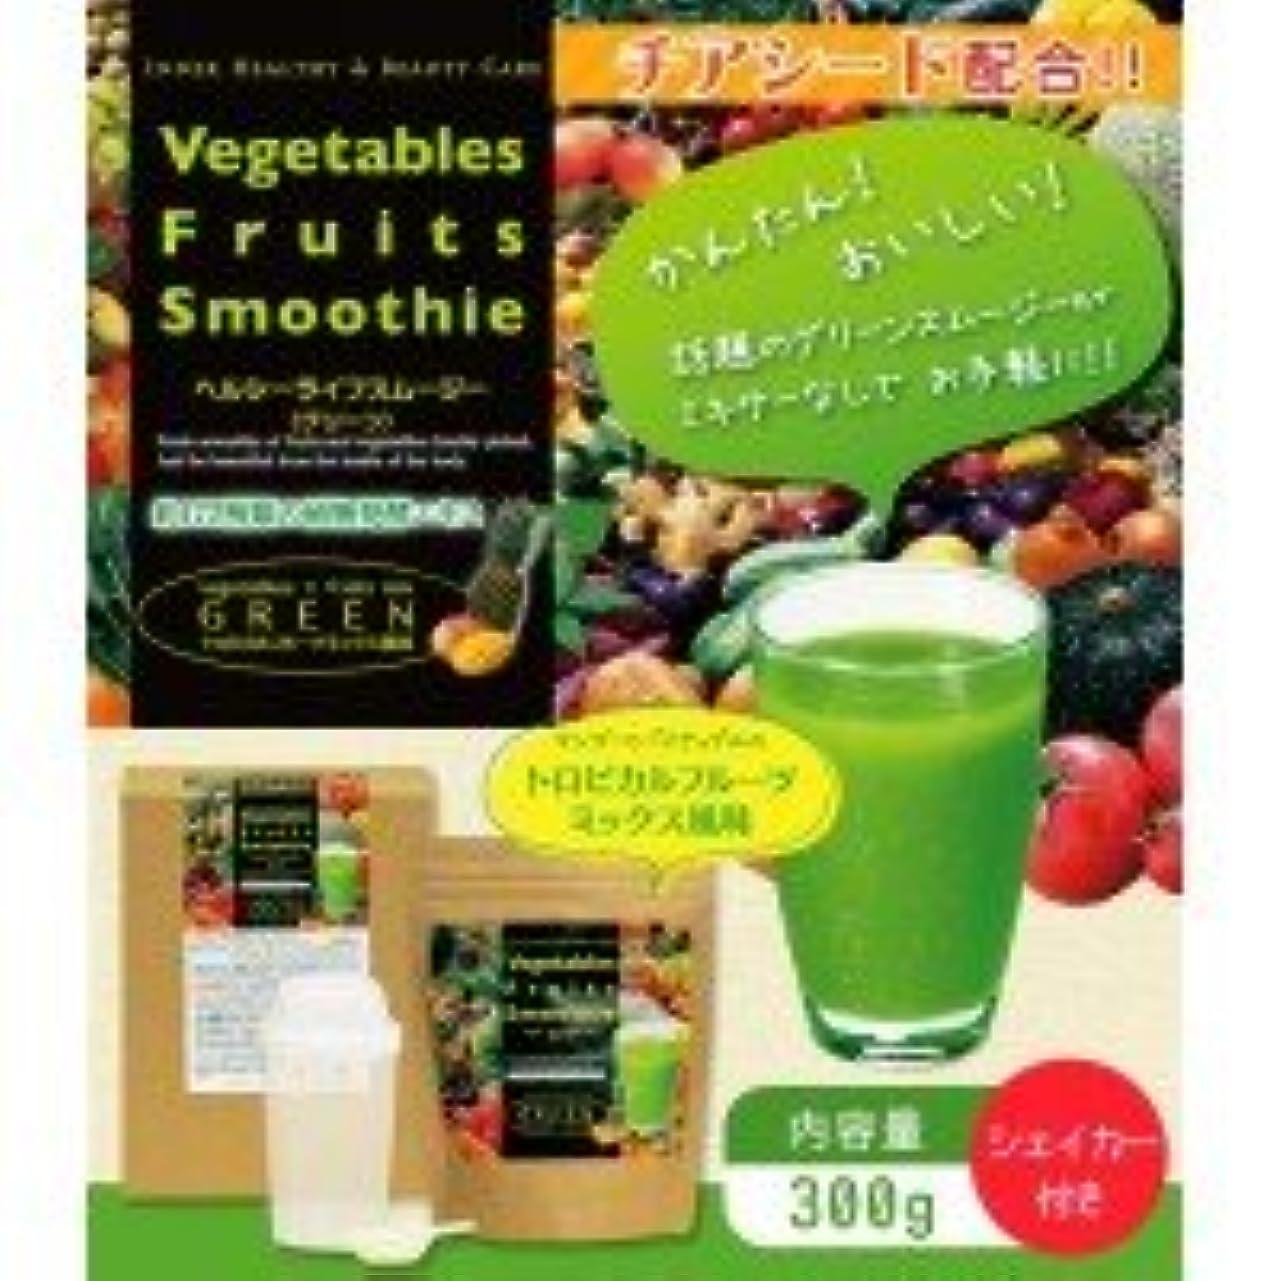 新年欠如葉を拾うVegetables Fruits Smoothie ヘルシーライフスムージー(グリーン)トロピカルフルーツミックス味(300g シェイカー付) 日本製